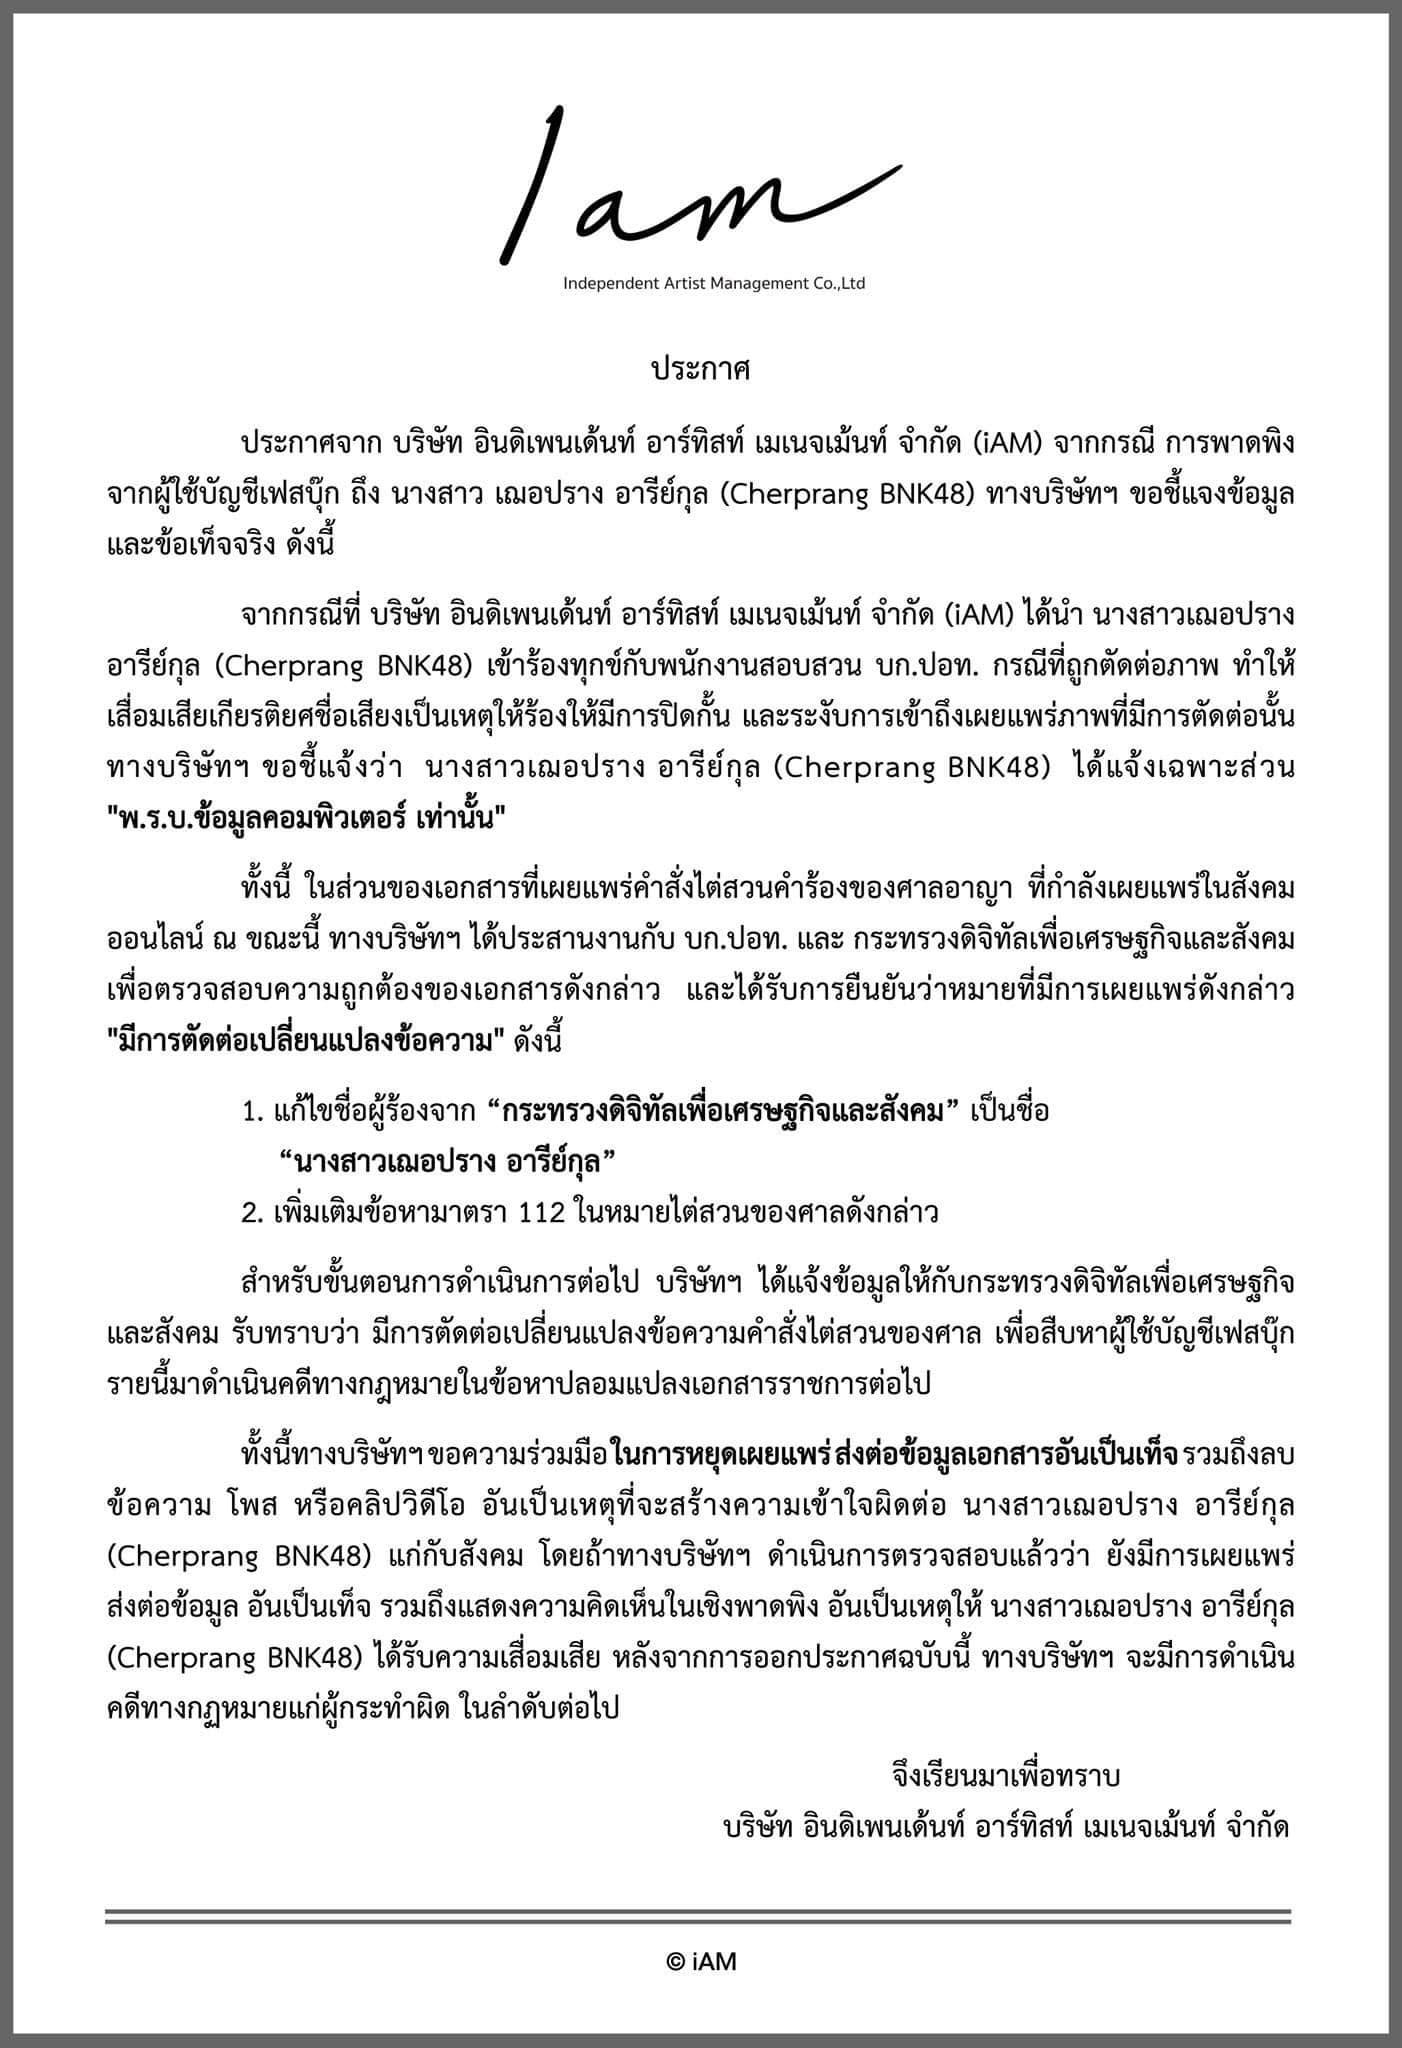 Pernyataan Resmi dari iAM Selaku Agensi dari Cherprang BNK48